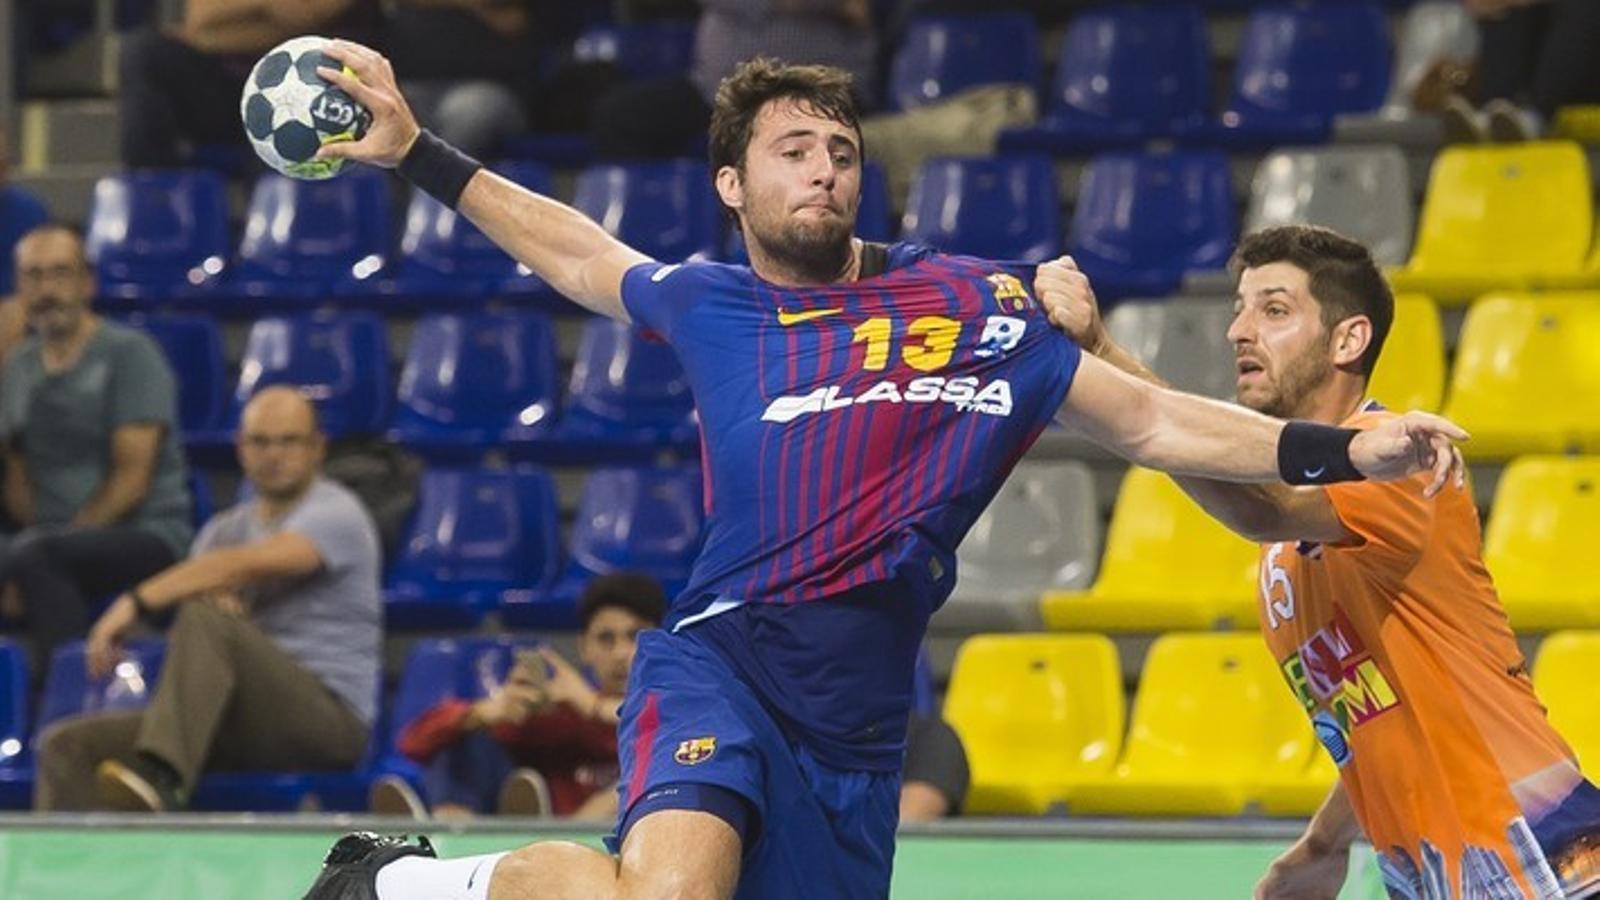 Aitor Ariño disputarà finalment l'Europeu de Croàcia